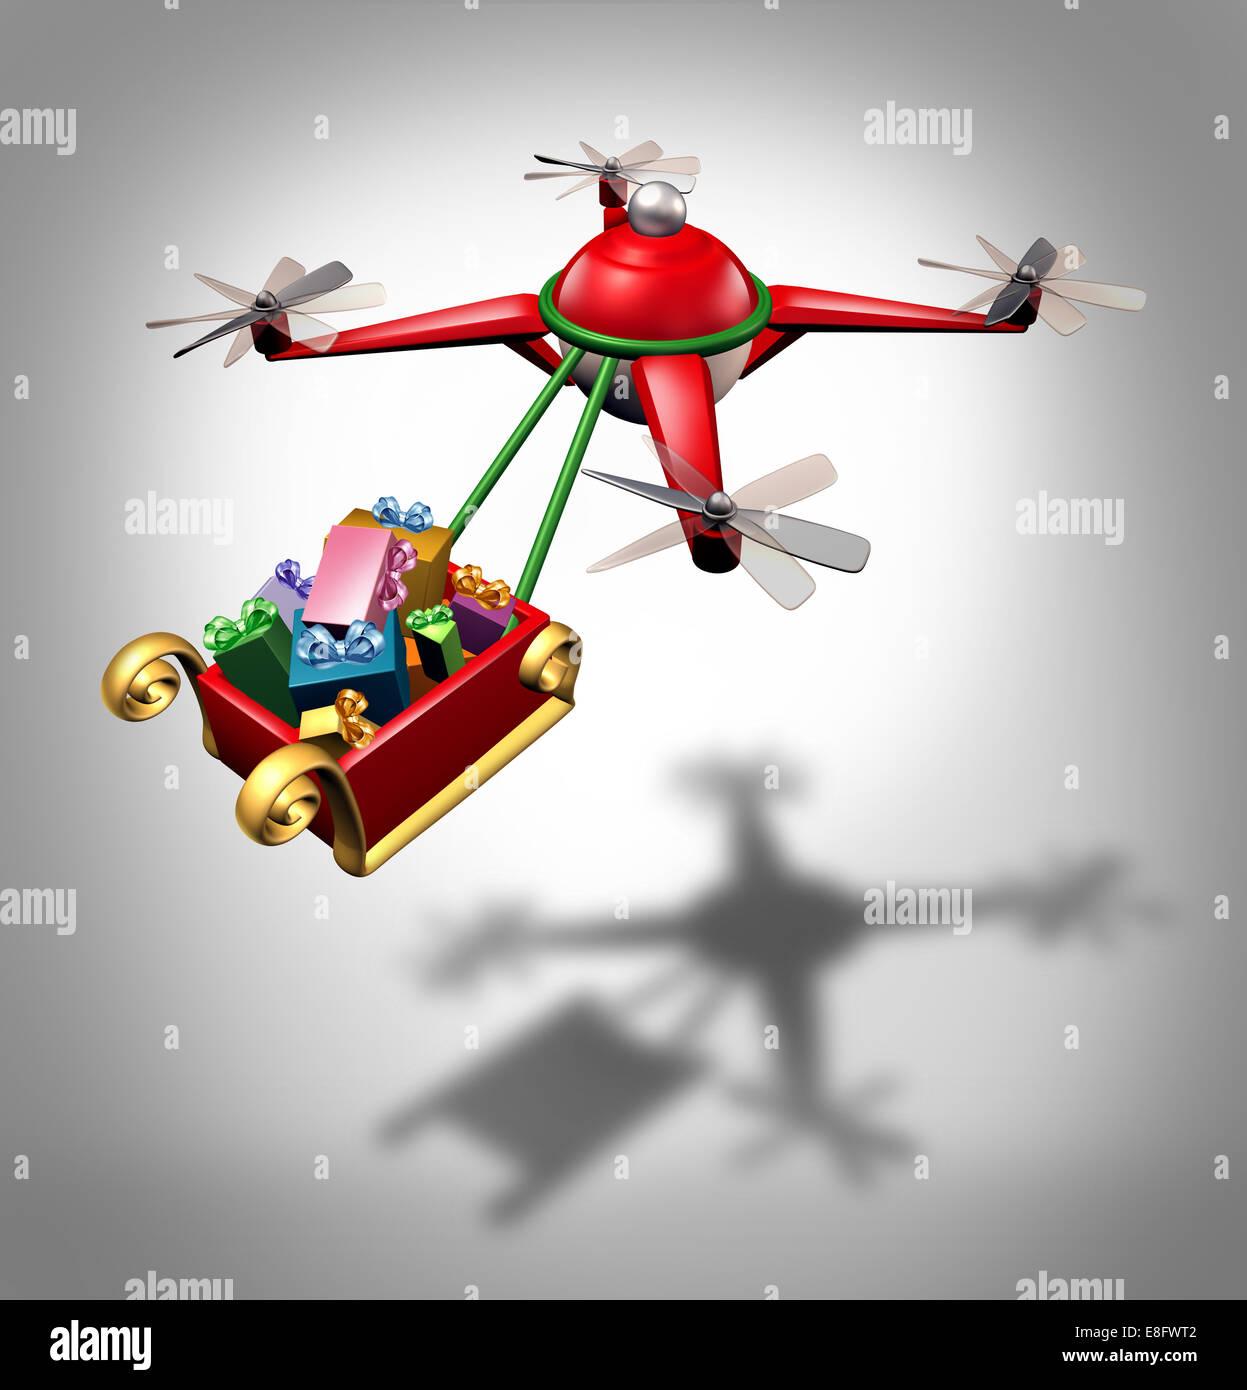 Drone Urlaub Geschenke Lieferung als Weihnachten Schlitten Konzept präsentiert mit einem Weihnachtsmann liefern Stockbild